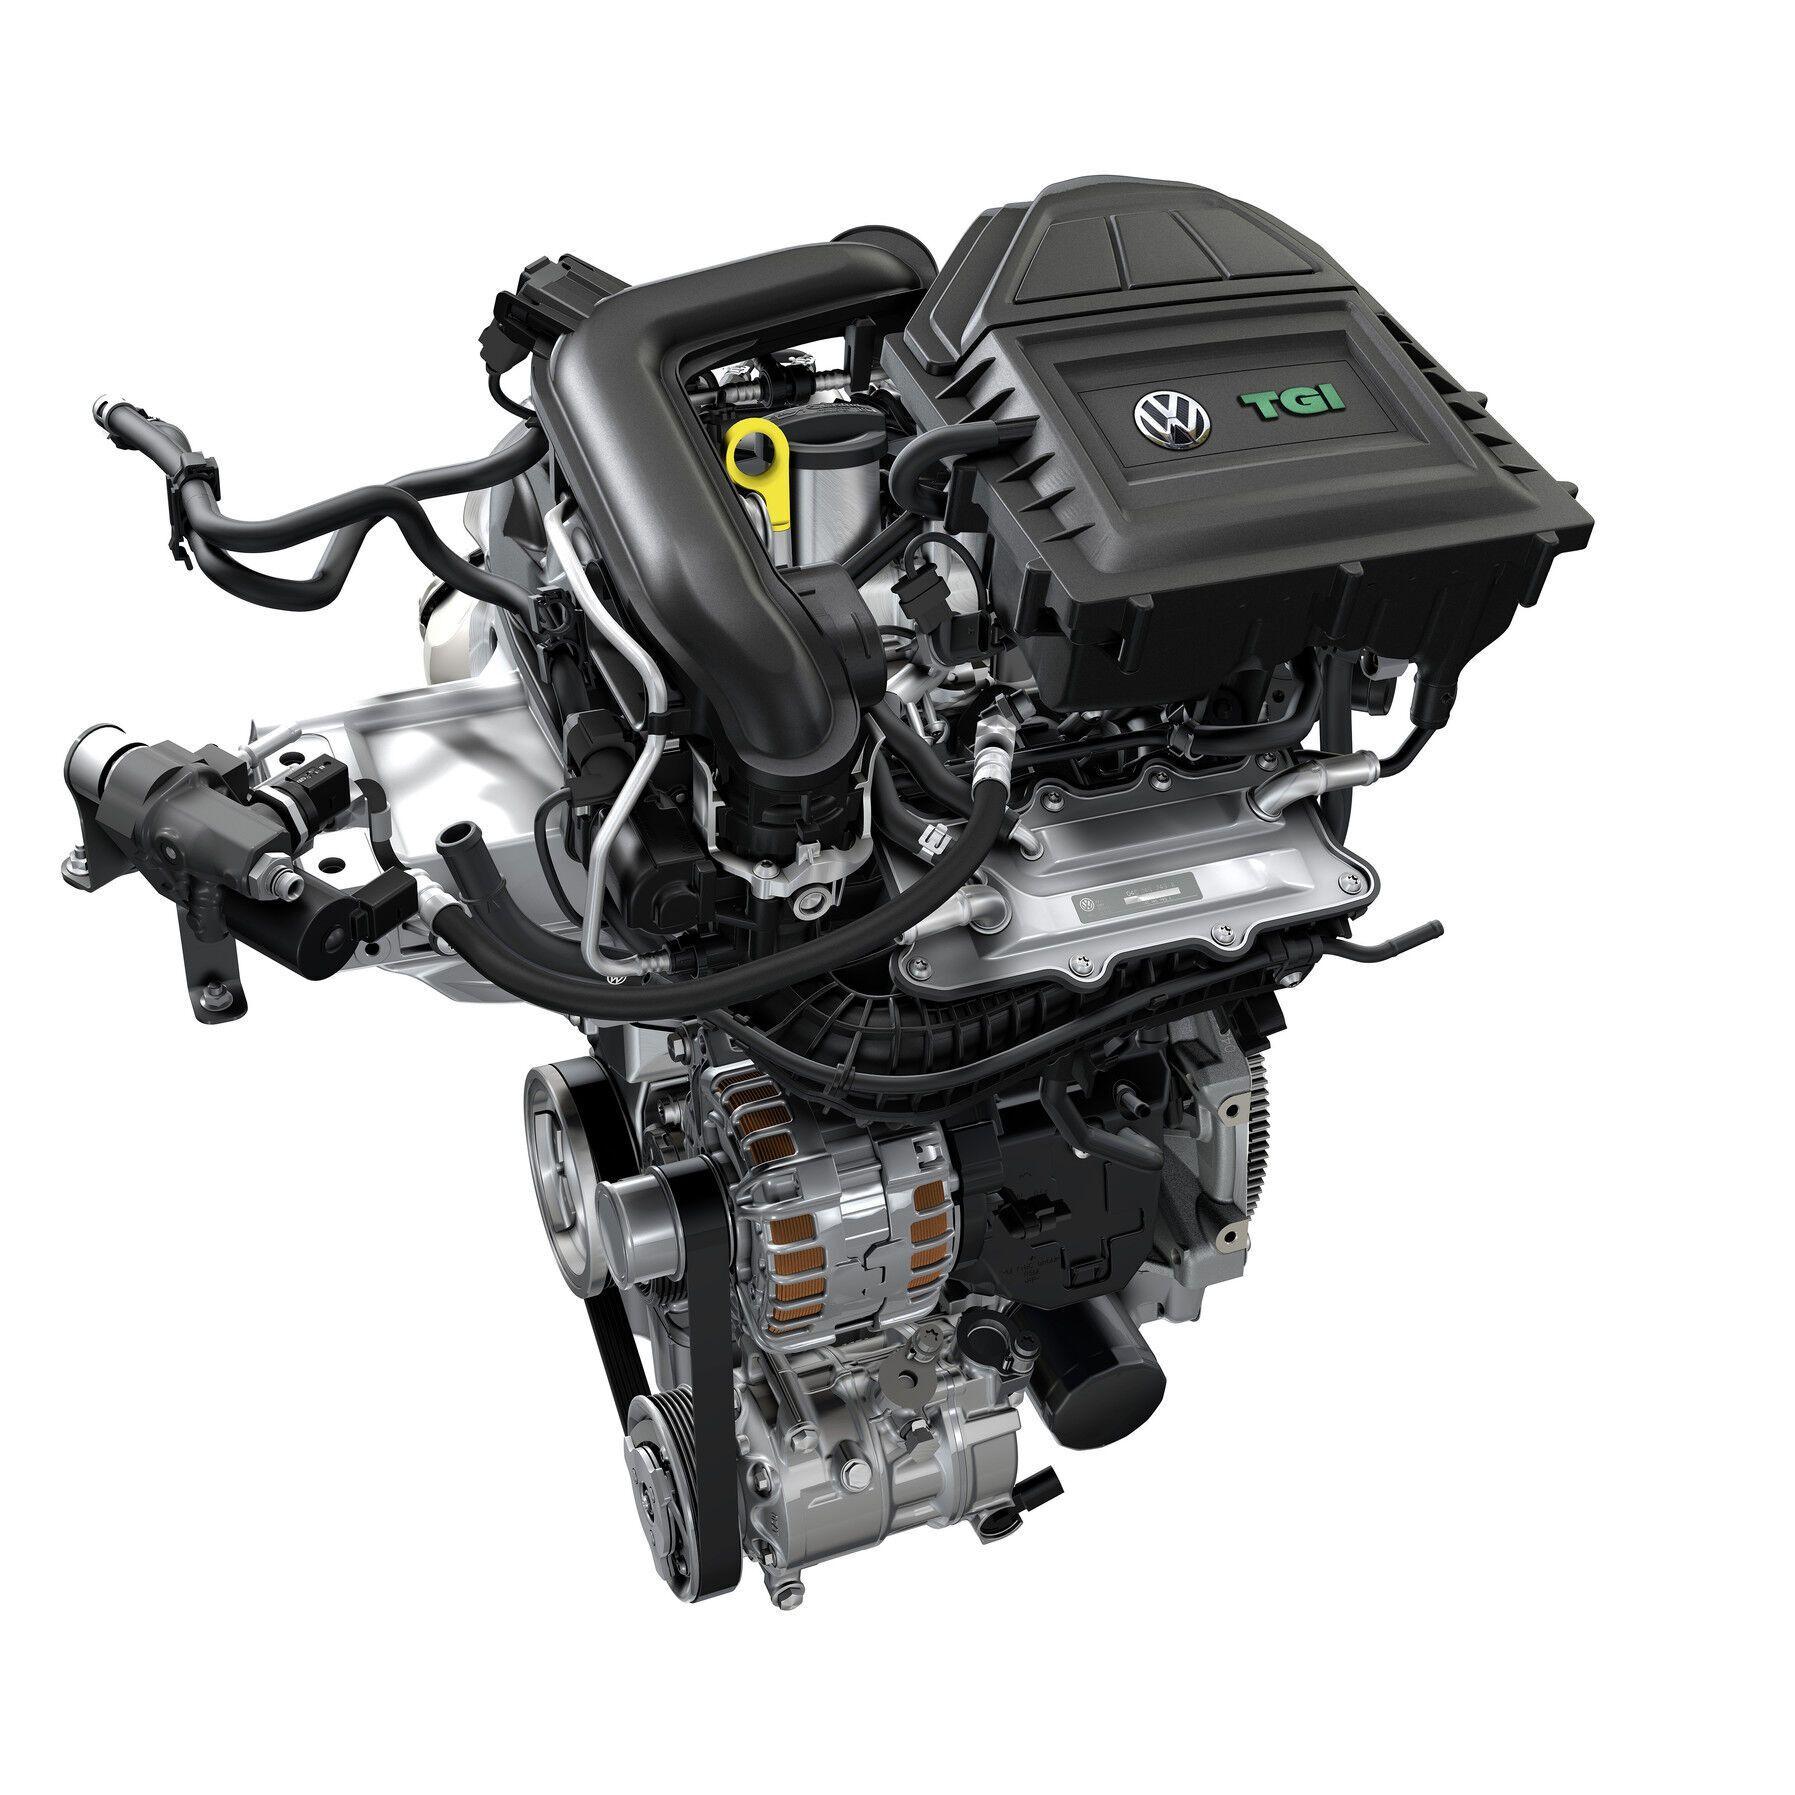 Мотор на основе TSI стал основой доя создания версии TGI для работы на газе